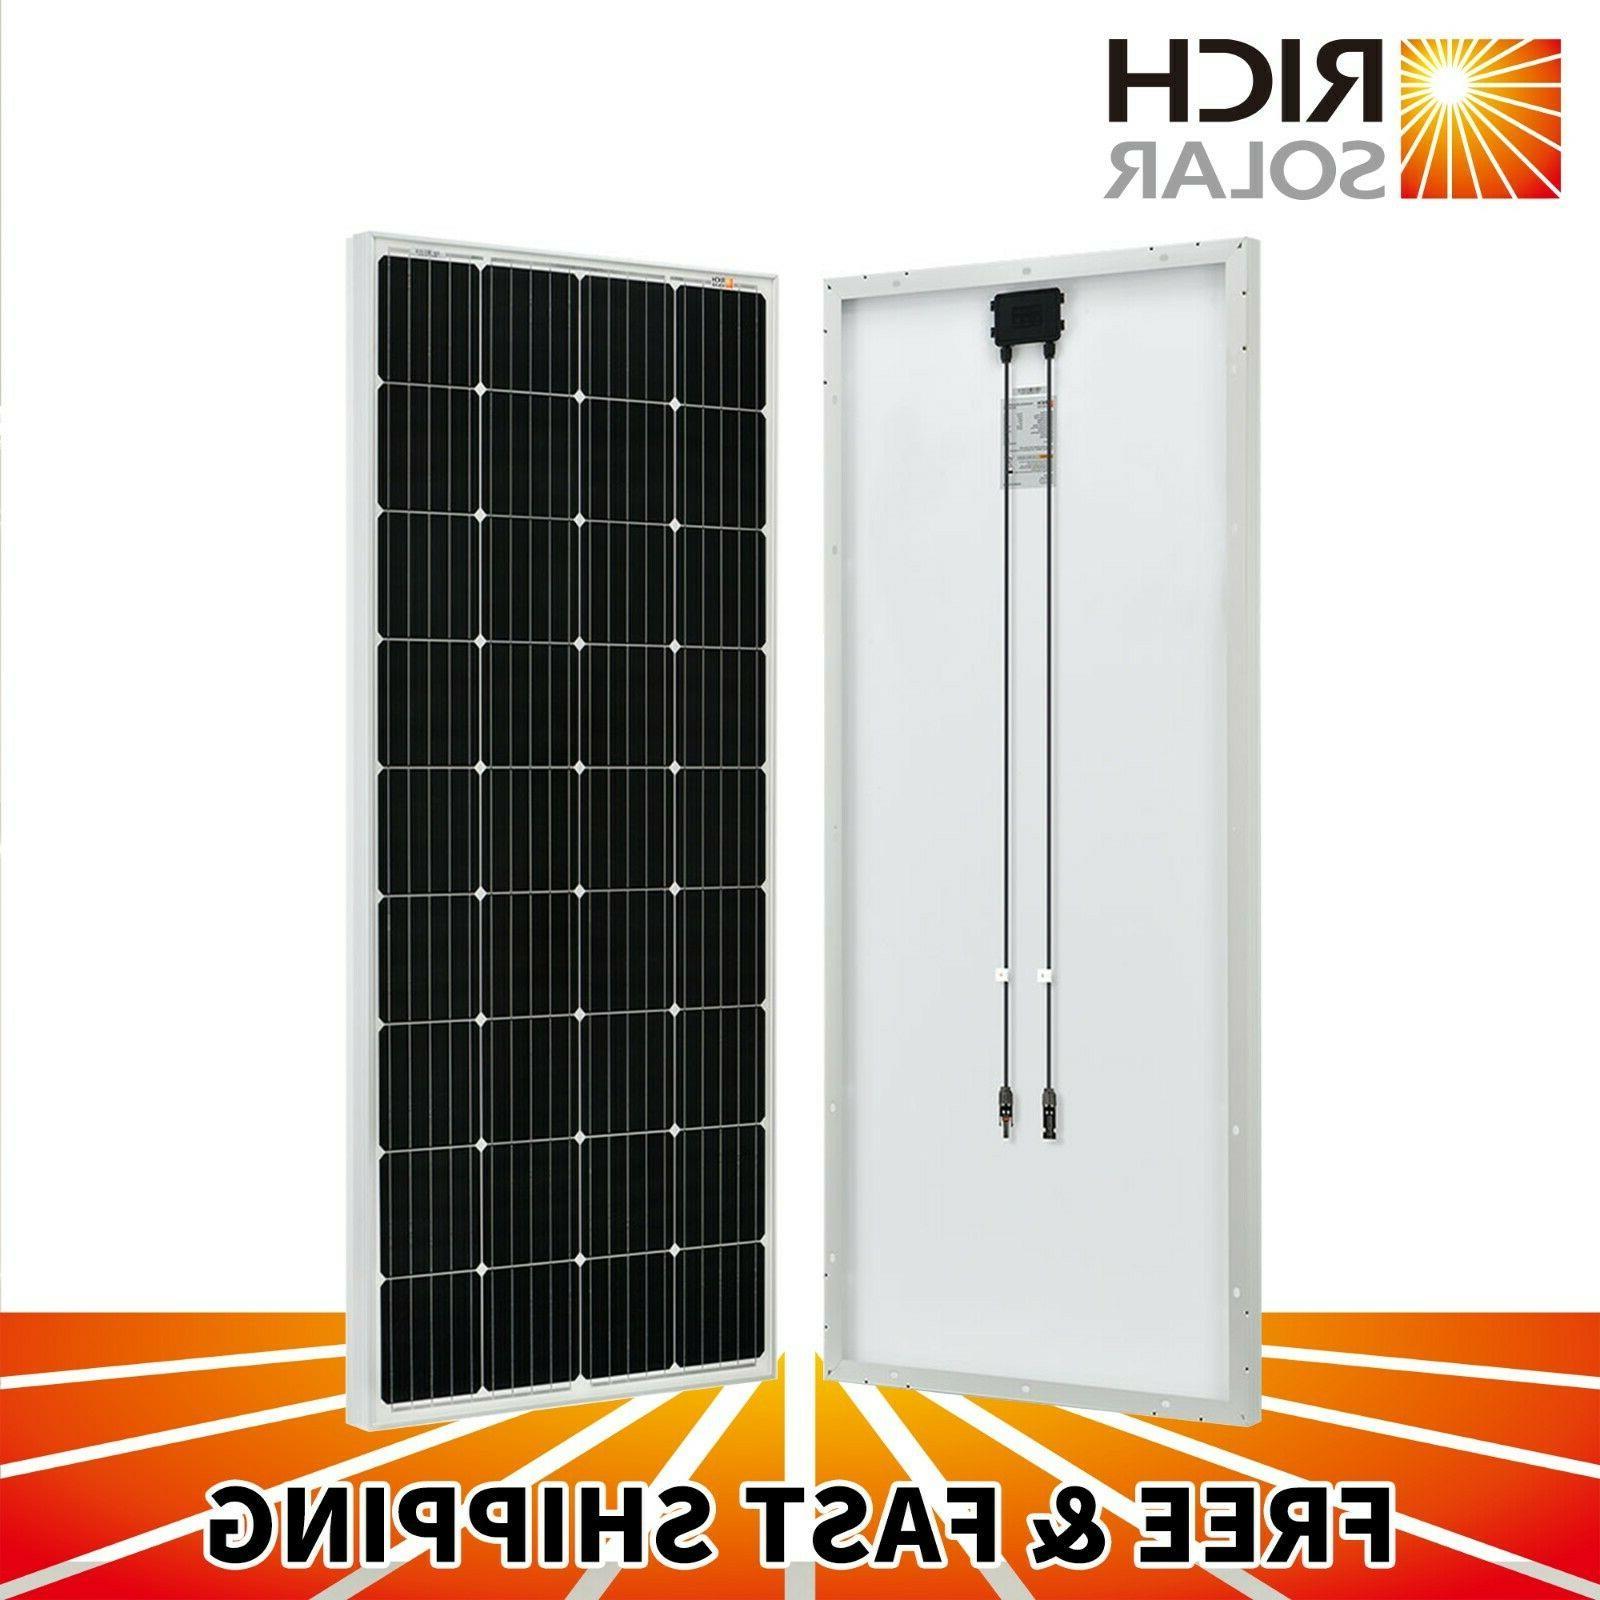 190w 200w 12v solar panel high efficiency